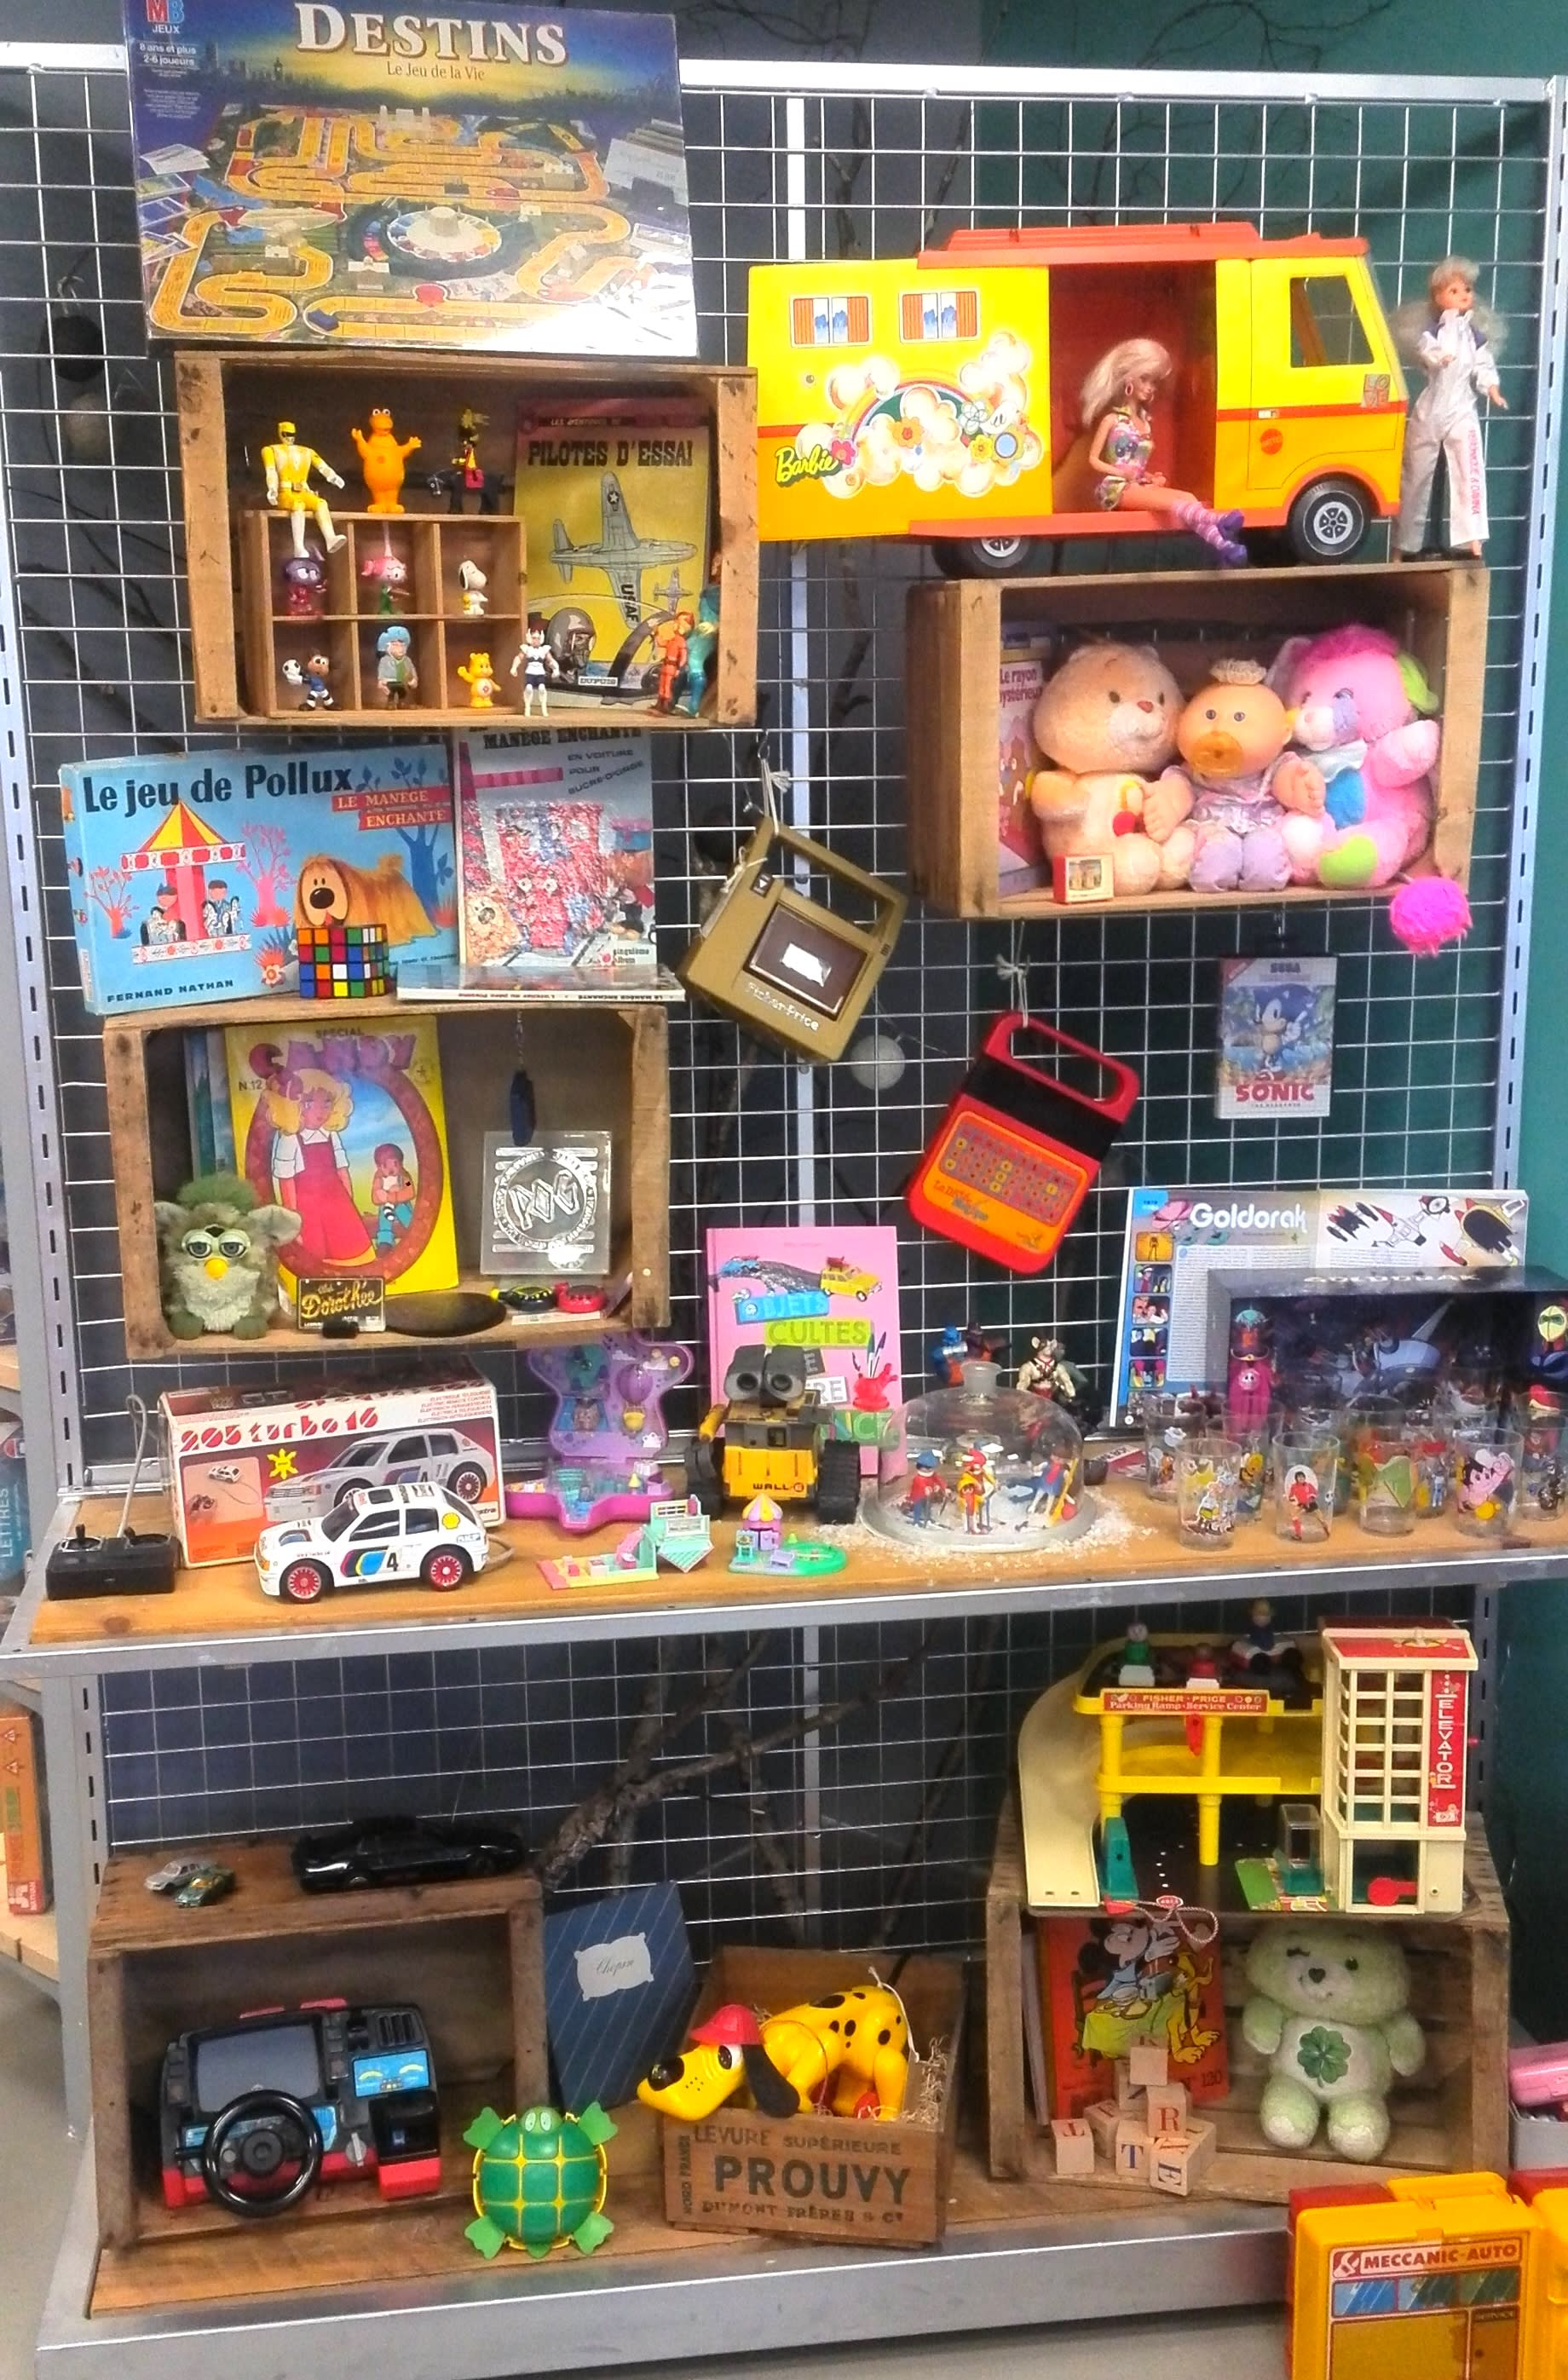 Accueil - Vente de jouets d'occasion revalorisés